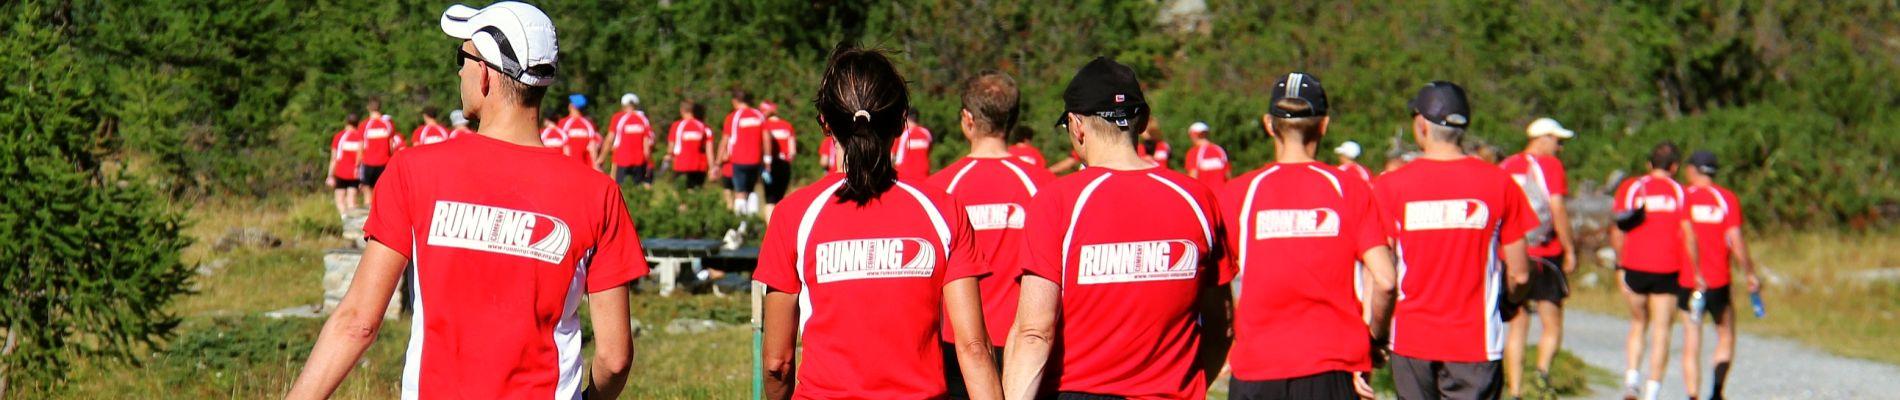 Halbmarathon Training und Vorbereitung auf 21 km mit RUNNING Company